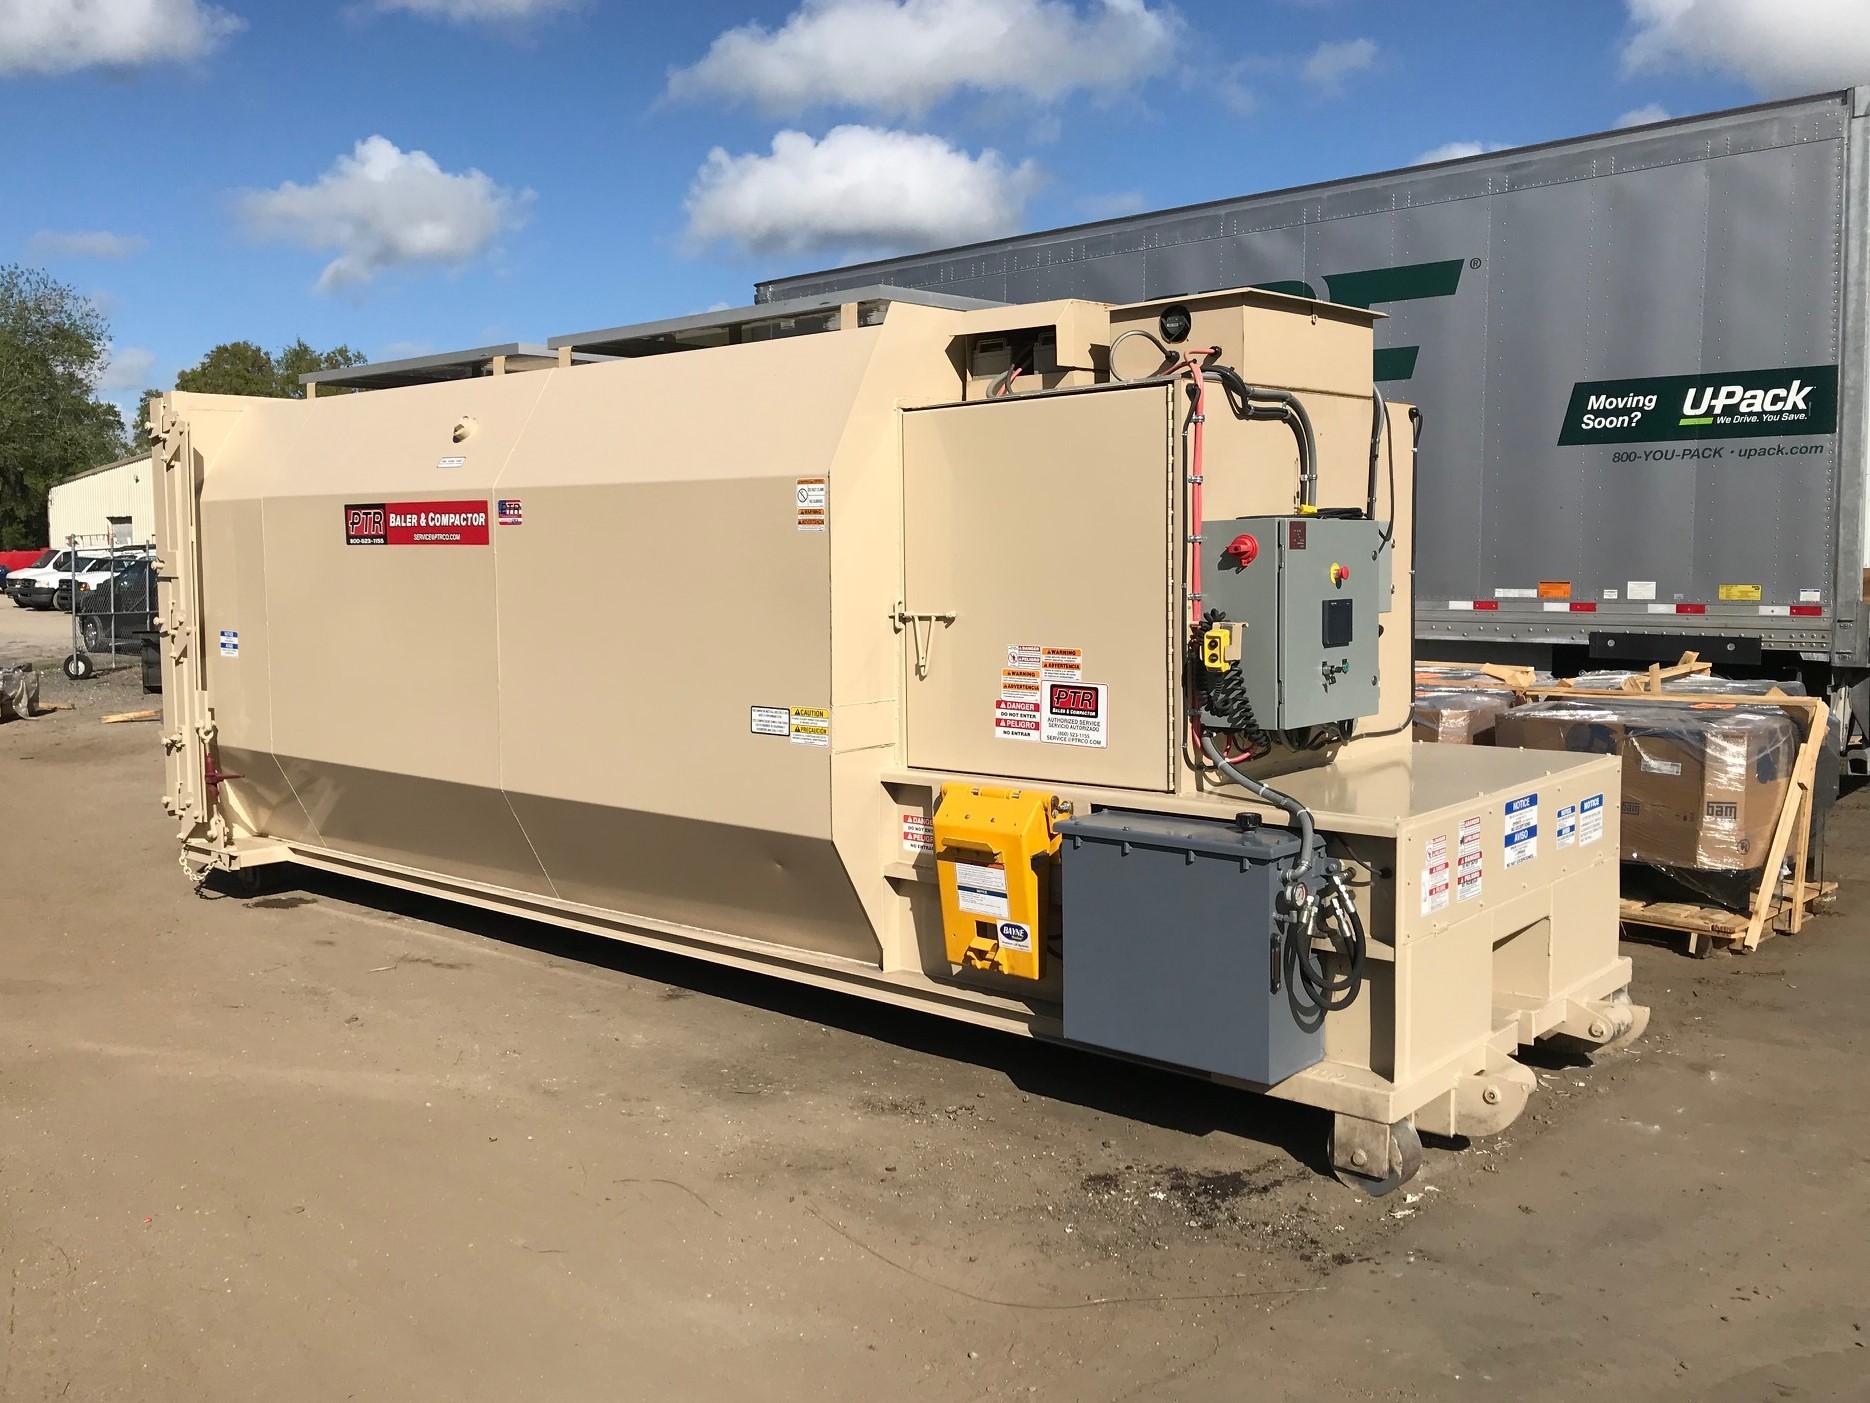 solar power, solar energy, baler, compactor, waste compactor, recycling baler